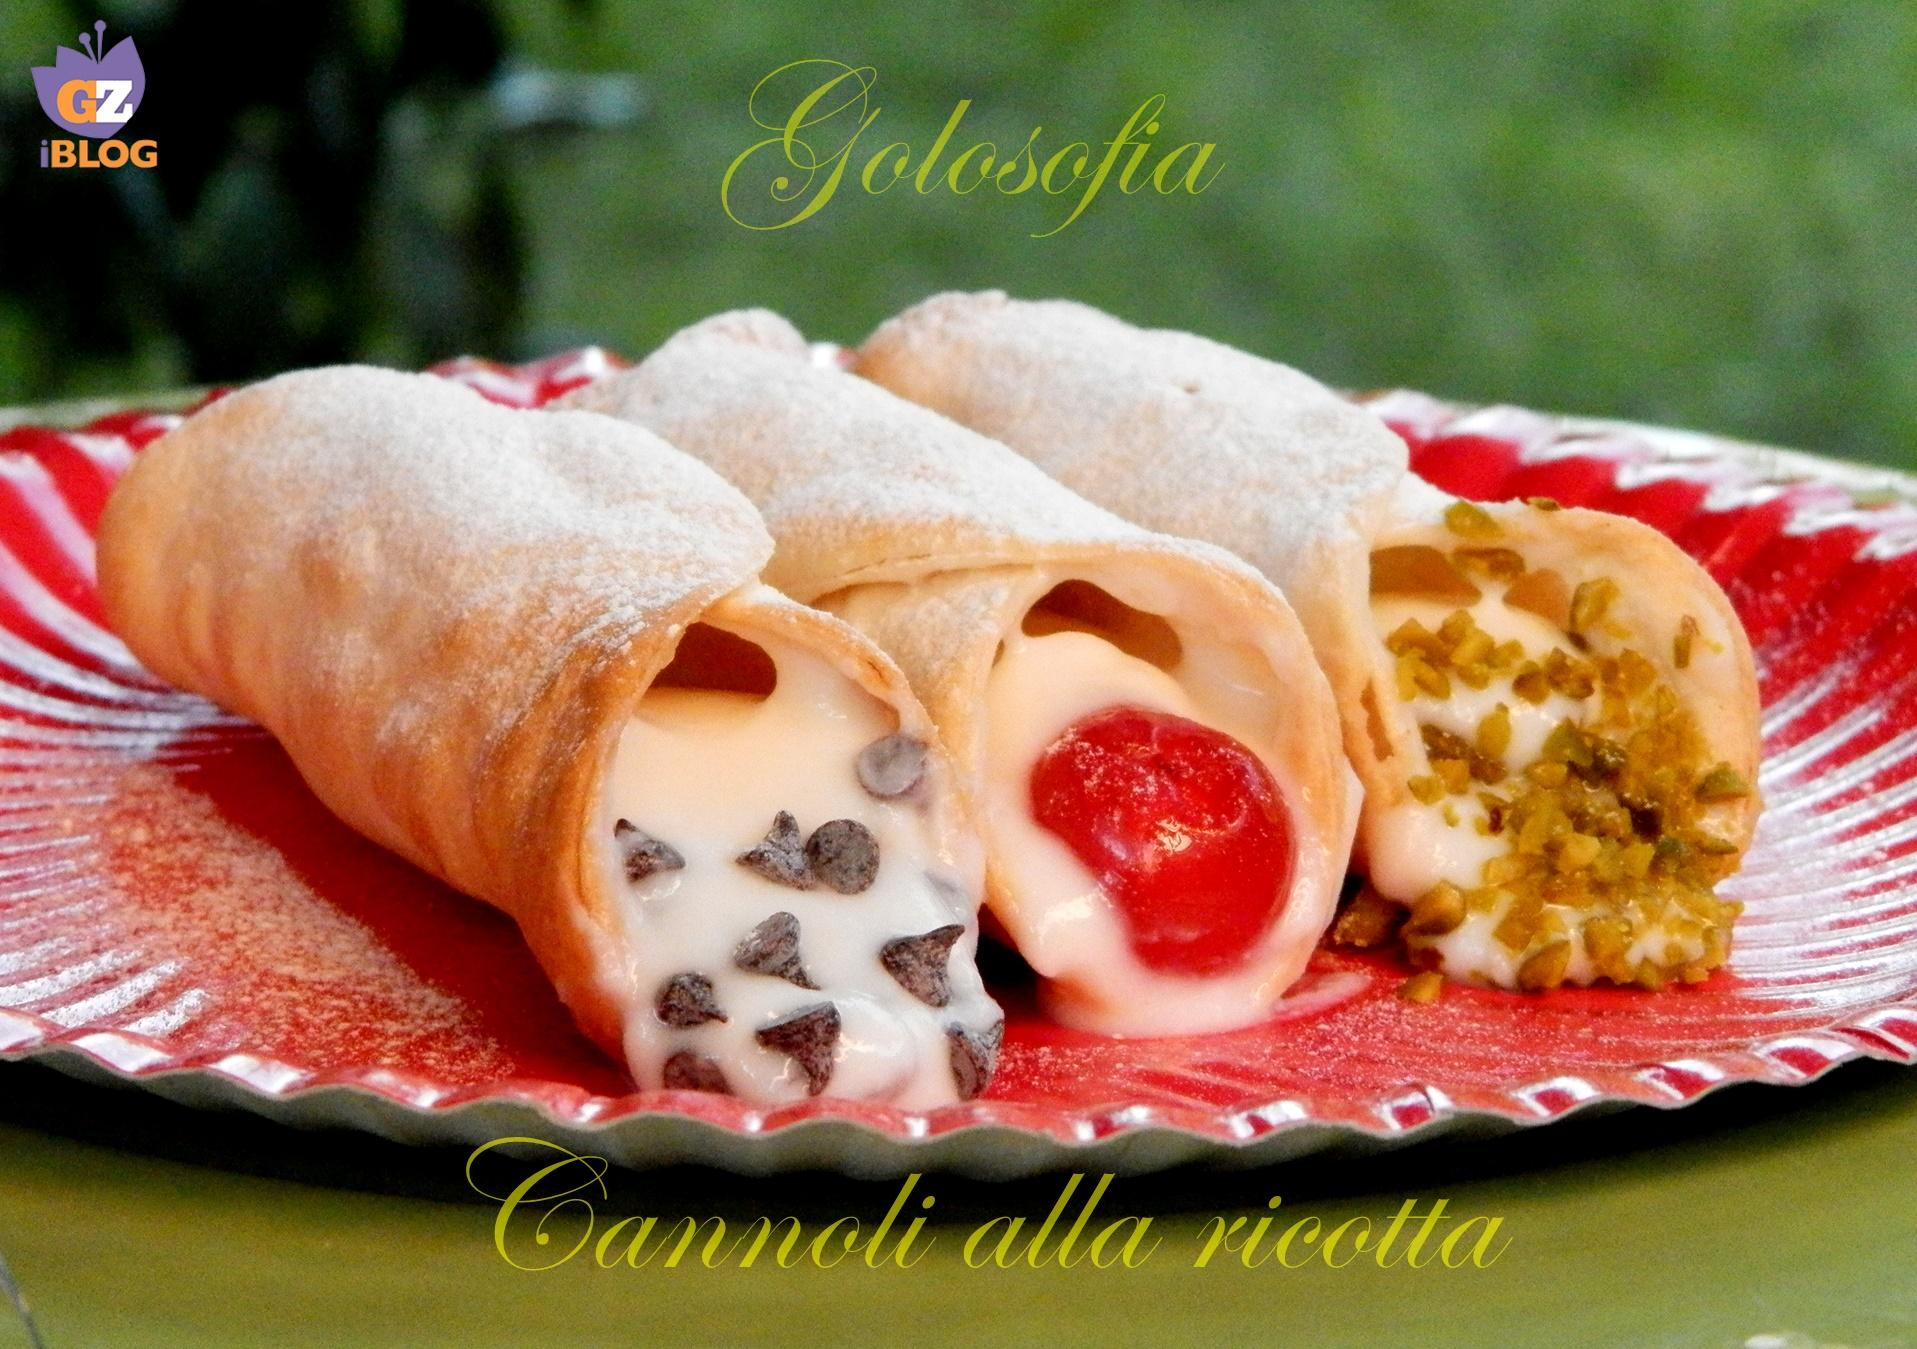 Cannoli alla ricotta-ricetta dolci-golosofia